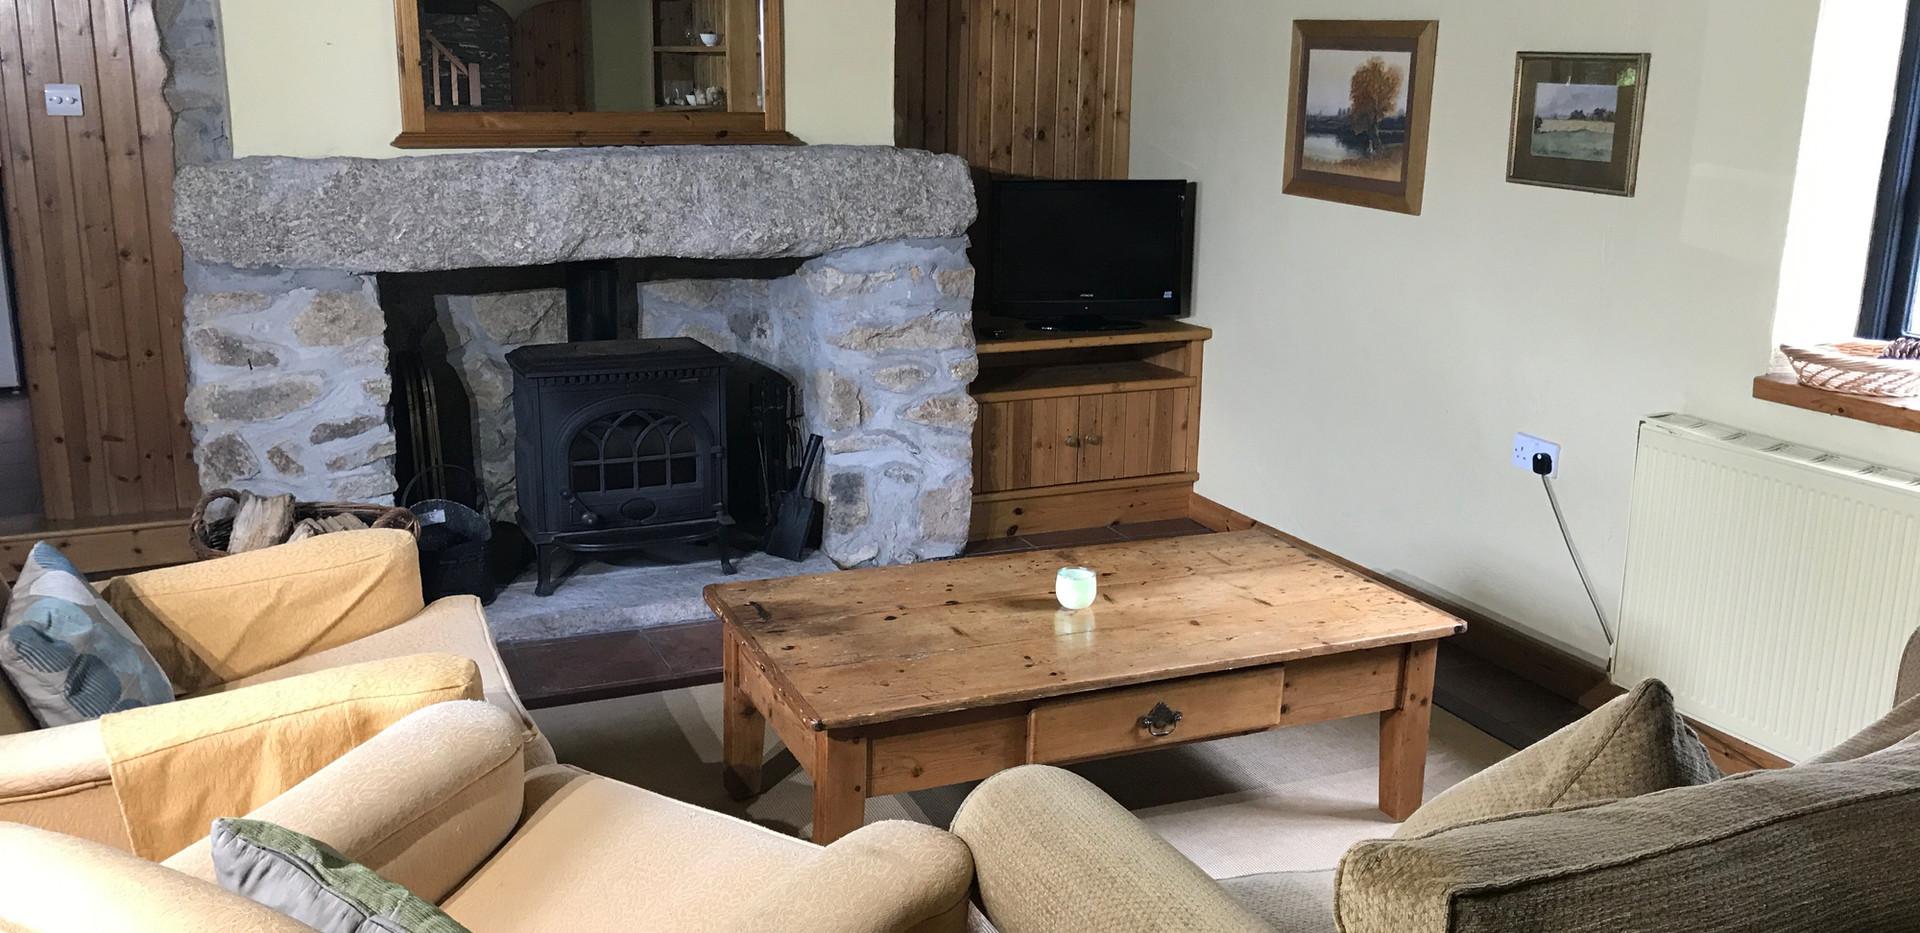 Log Burner and Sofas